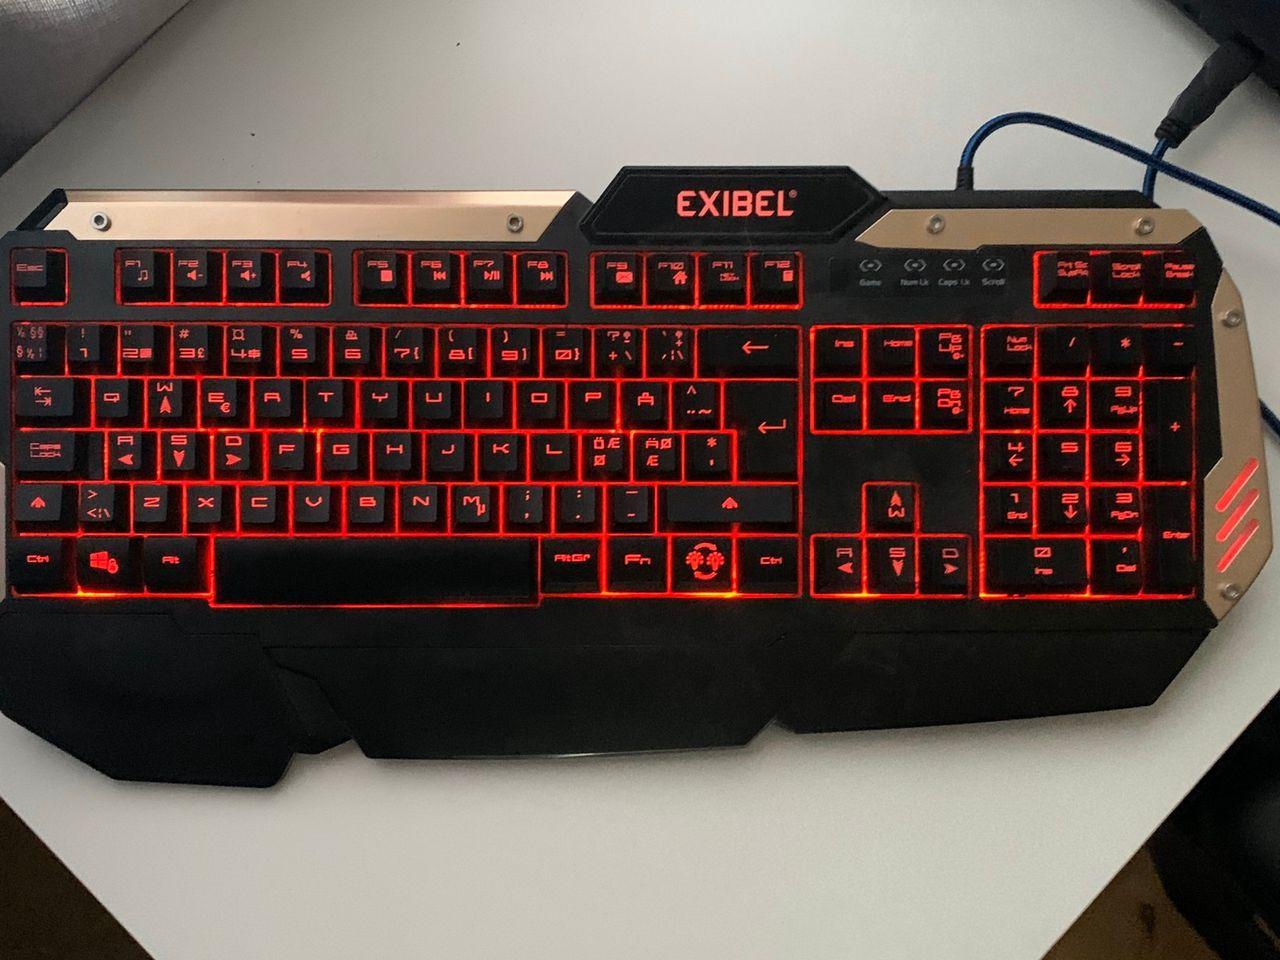 EXIBEL gaming tastatur | FINN.no